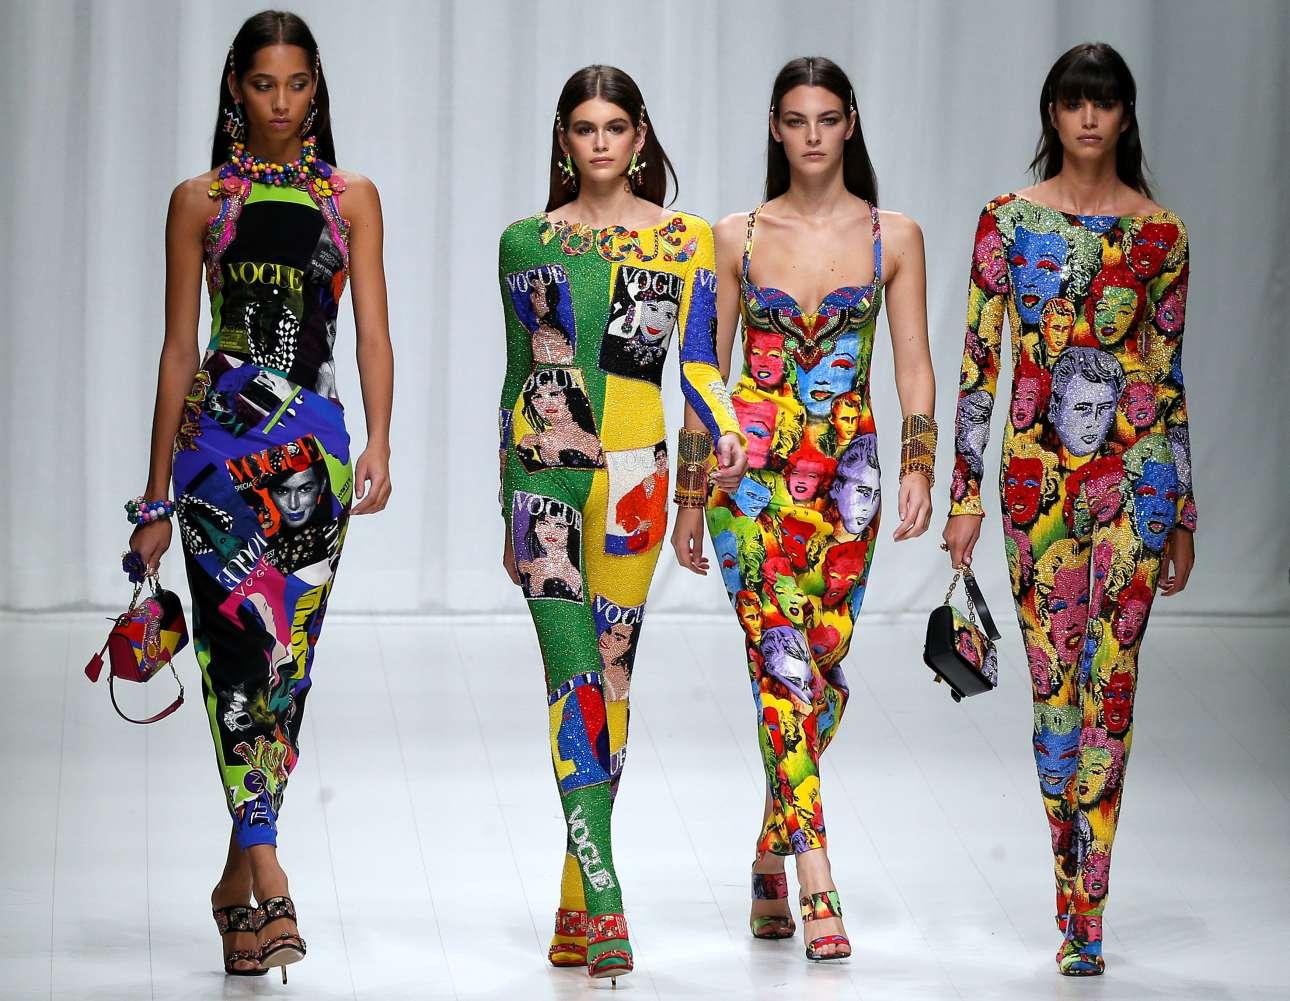 Ύμνος στην ποπ κουλτούρα και την τέχνη του Άντι Γουόρχολ με ολόσωμες φόρμες και μακριά φορέματα. Το street style θα καλοδεχτεί αυτές τις νέες πινελιές από τον οίκο Versace που φαίνεται να πρωτοπορεί με τα νέα στοιχεία που εισήγαγε